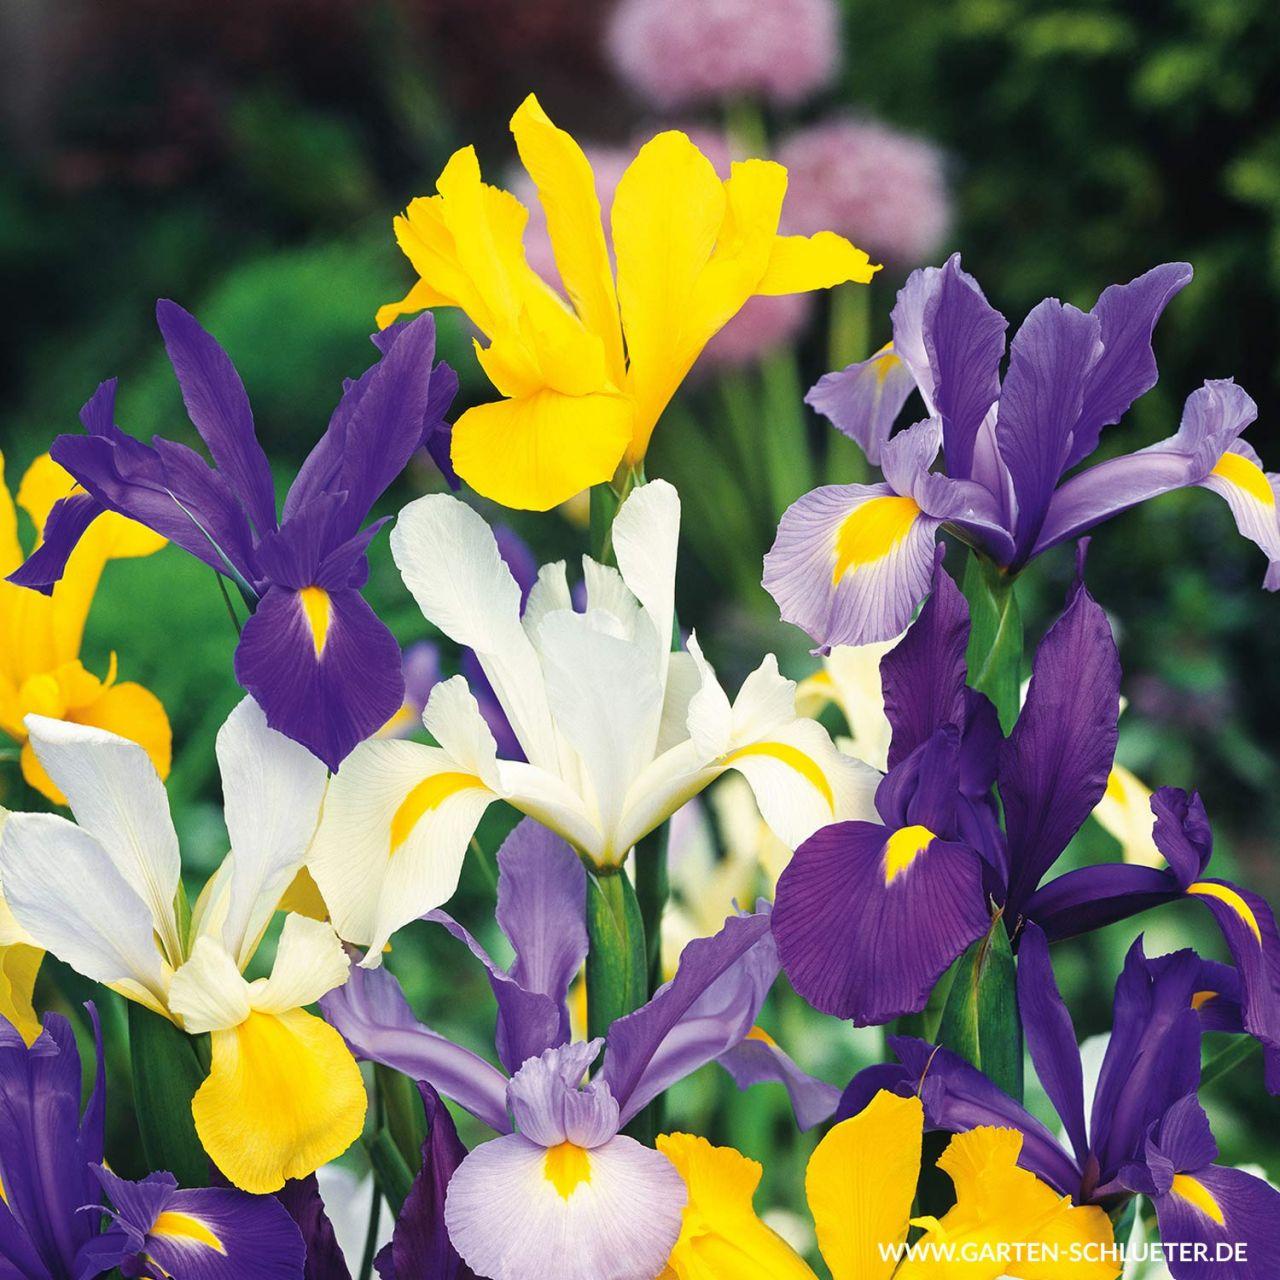 Garten-Schlueter.de: Iris Hollandica Mix - 25 Stück